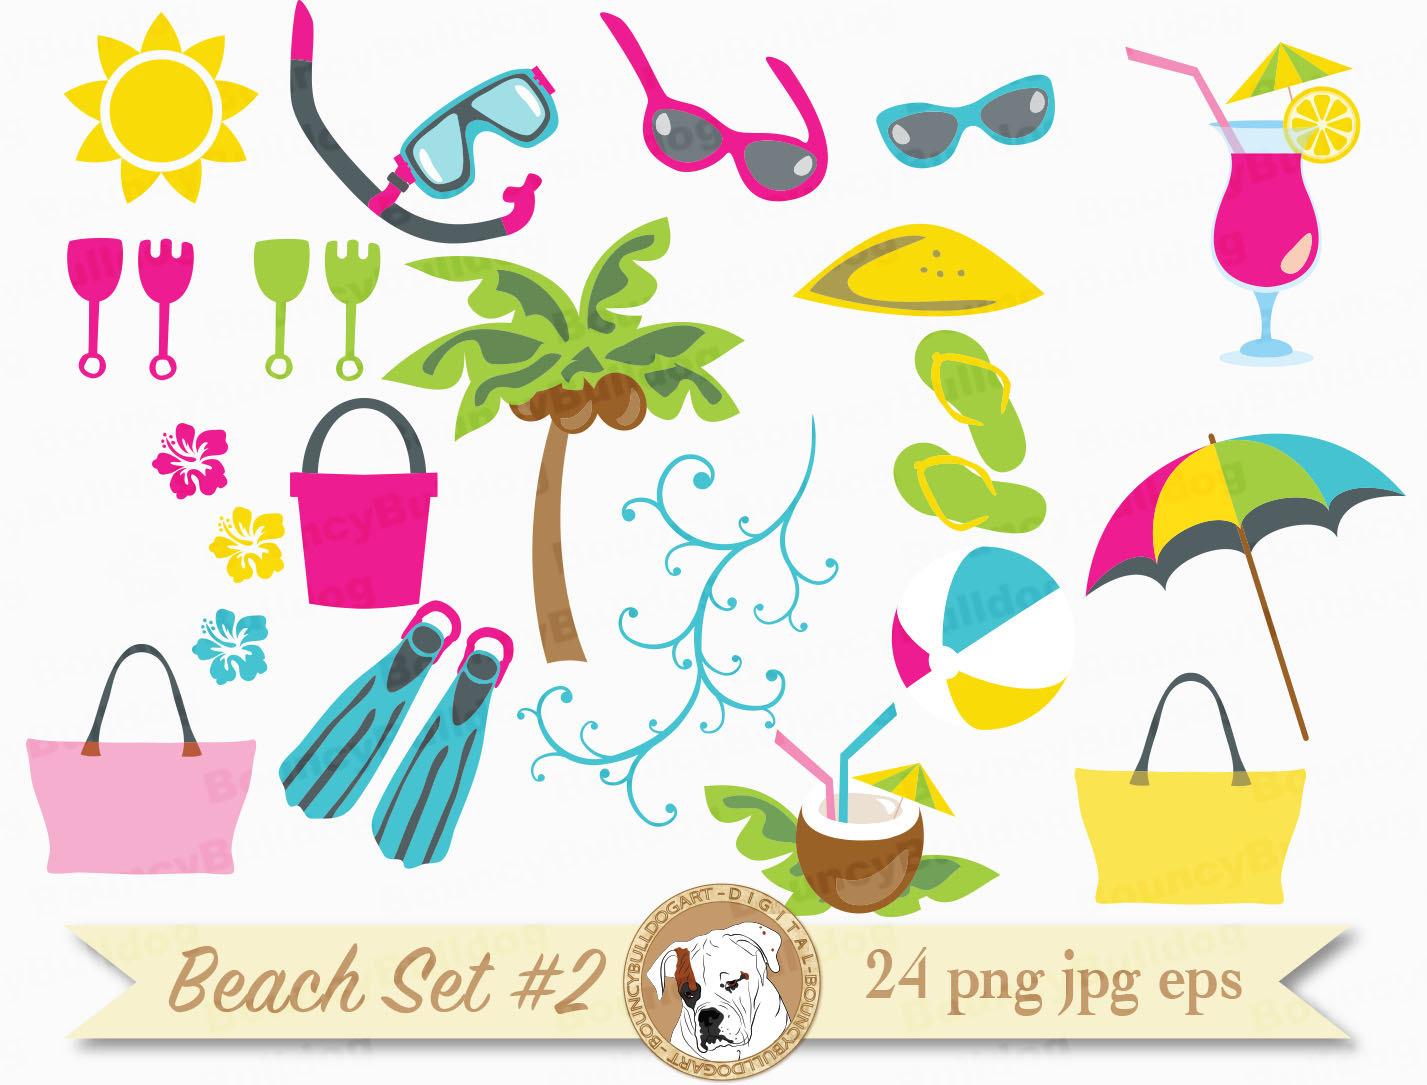 Vacation clipart beach bag A file clipart is Beach